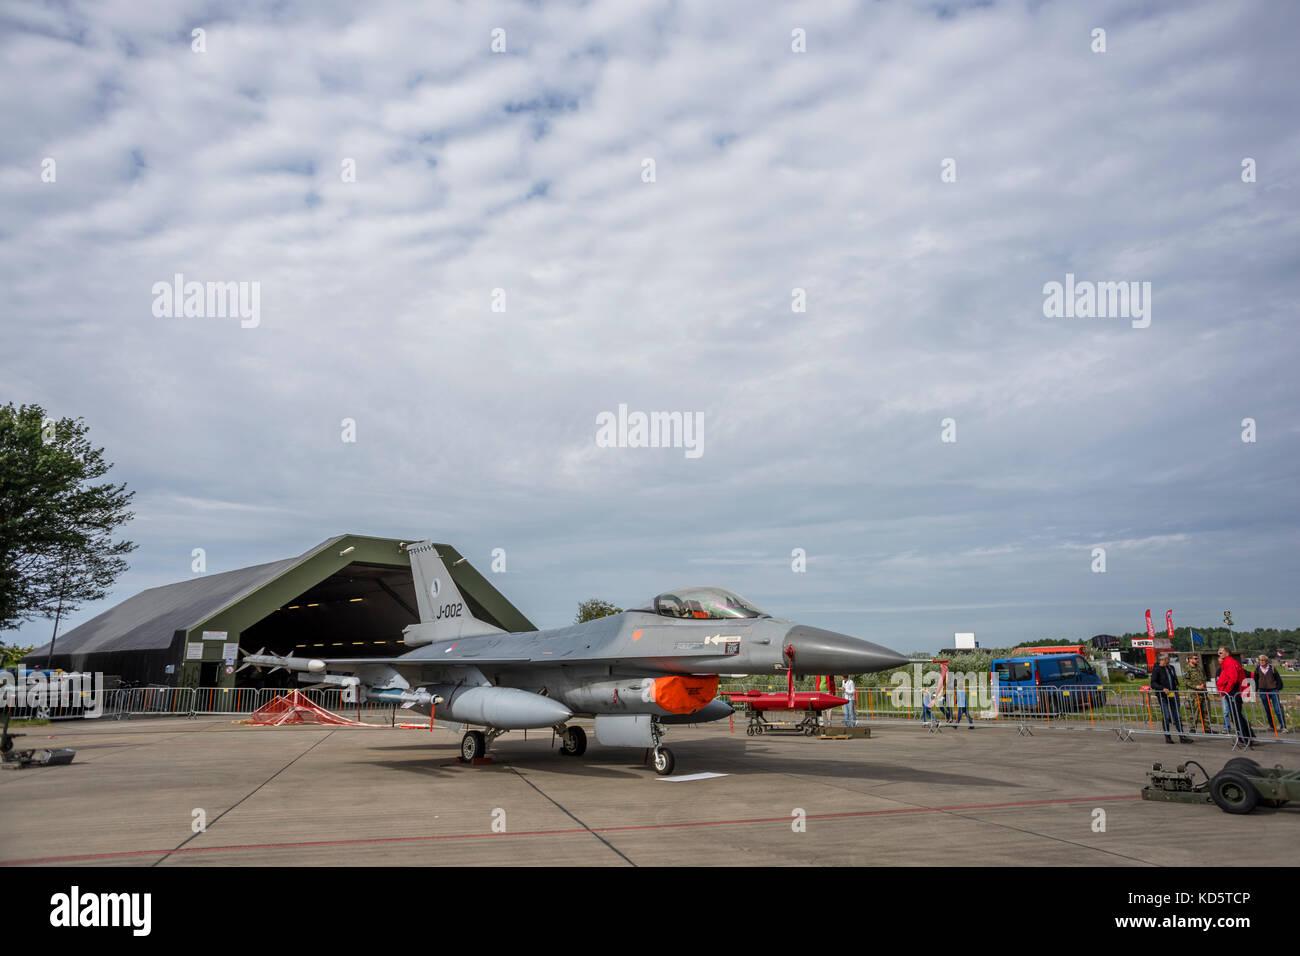 Un General Dynamics F-16 Fighting Falcon è di essere esposti al salone dell'aviazione reale dei Paesi Bassi Immagini Stock